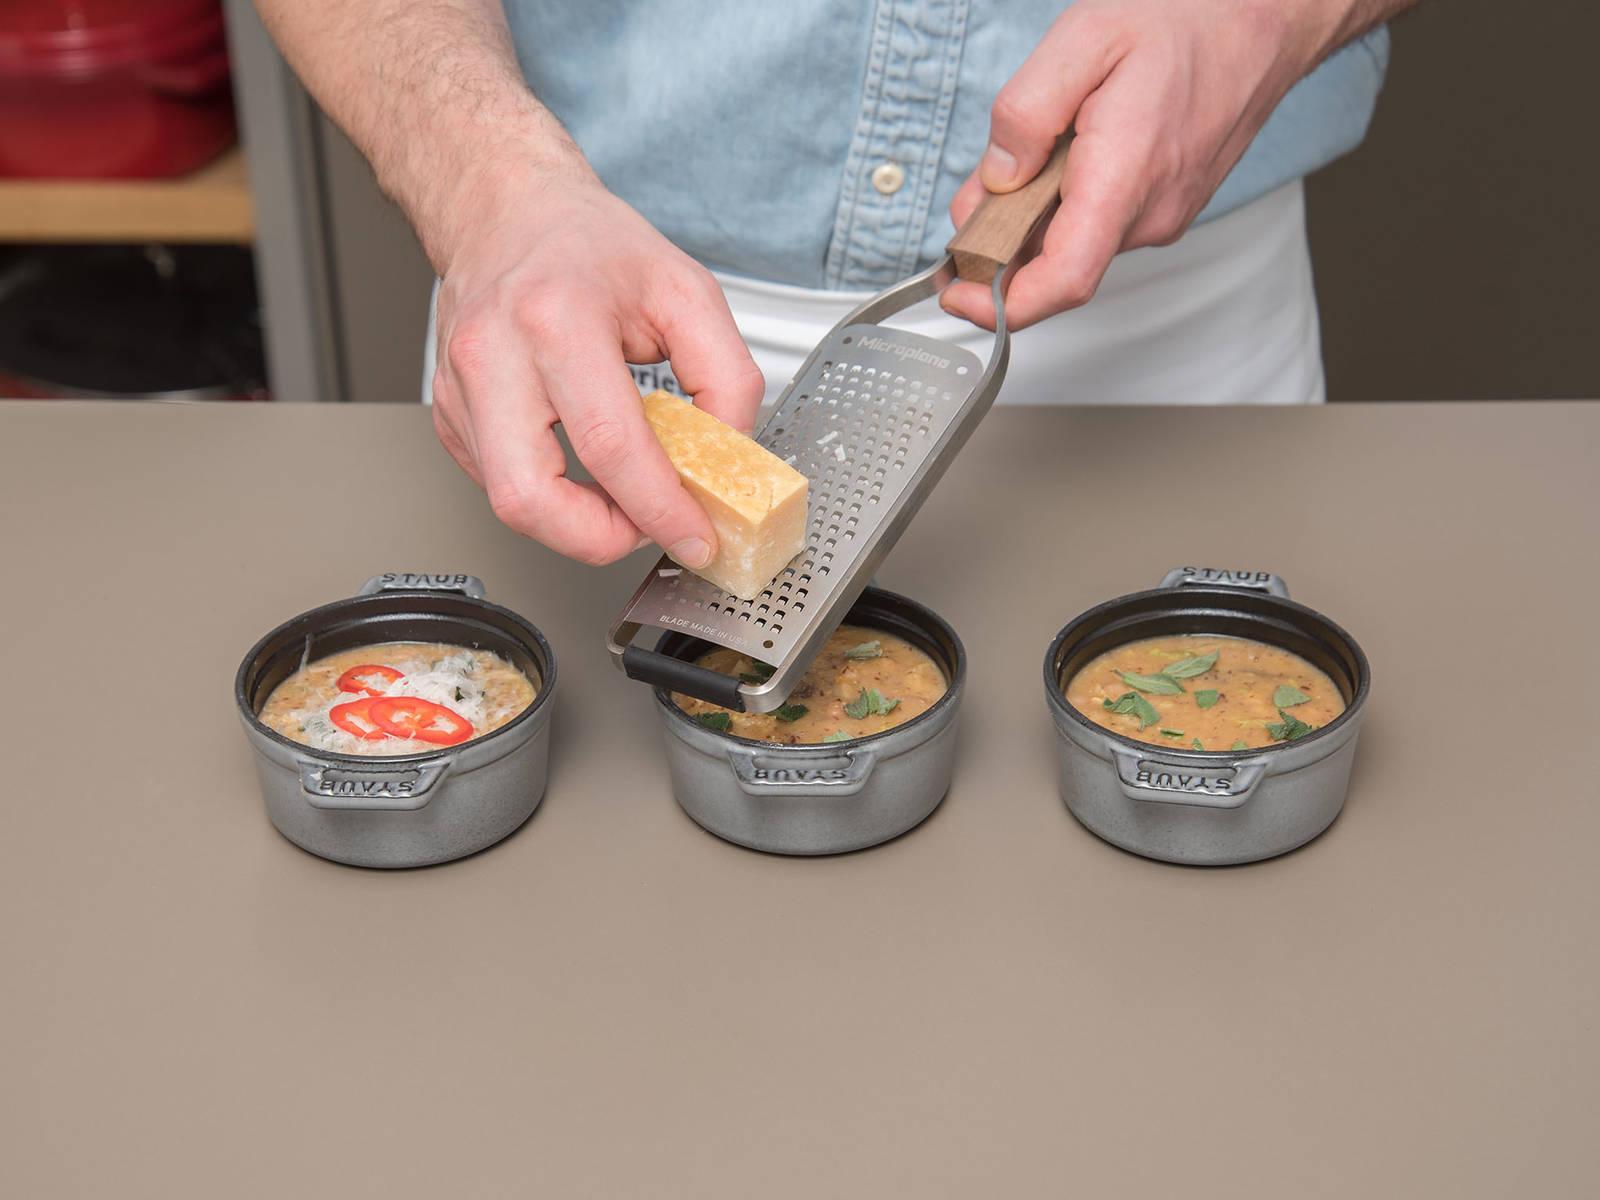 Suppe in Aufflaufformen füllen. Chili in feine Ringe schneiden und Salbeiblätter zerkleinern. Chili und Salbeiblätter über der Suppe verteilen. Parmesan über die Suppe reiben und mit etwas Öl beträufeln. Bei 210°C ca. 15 Min. überbacken. Die Suppe aus dem Backofen nehmen und nochmals mit etwas Öl beträufeln. Mit Ciabatta servieren und genießen!